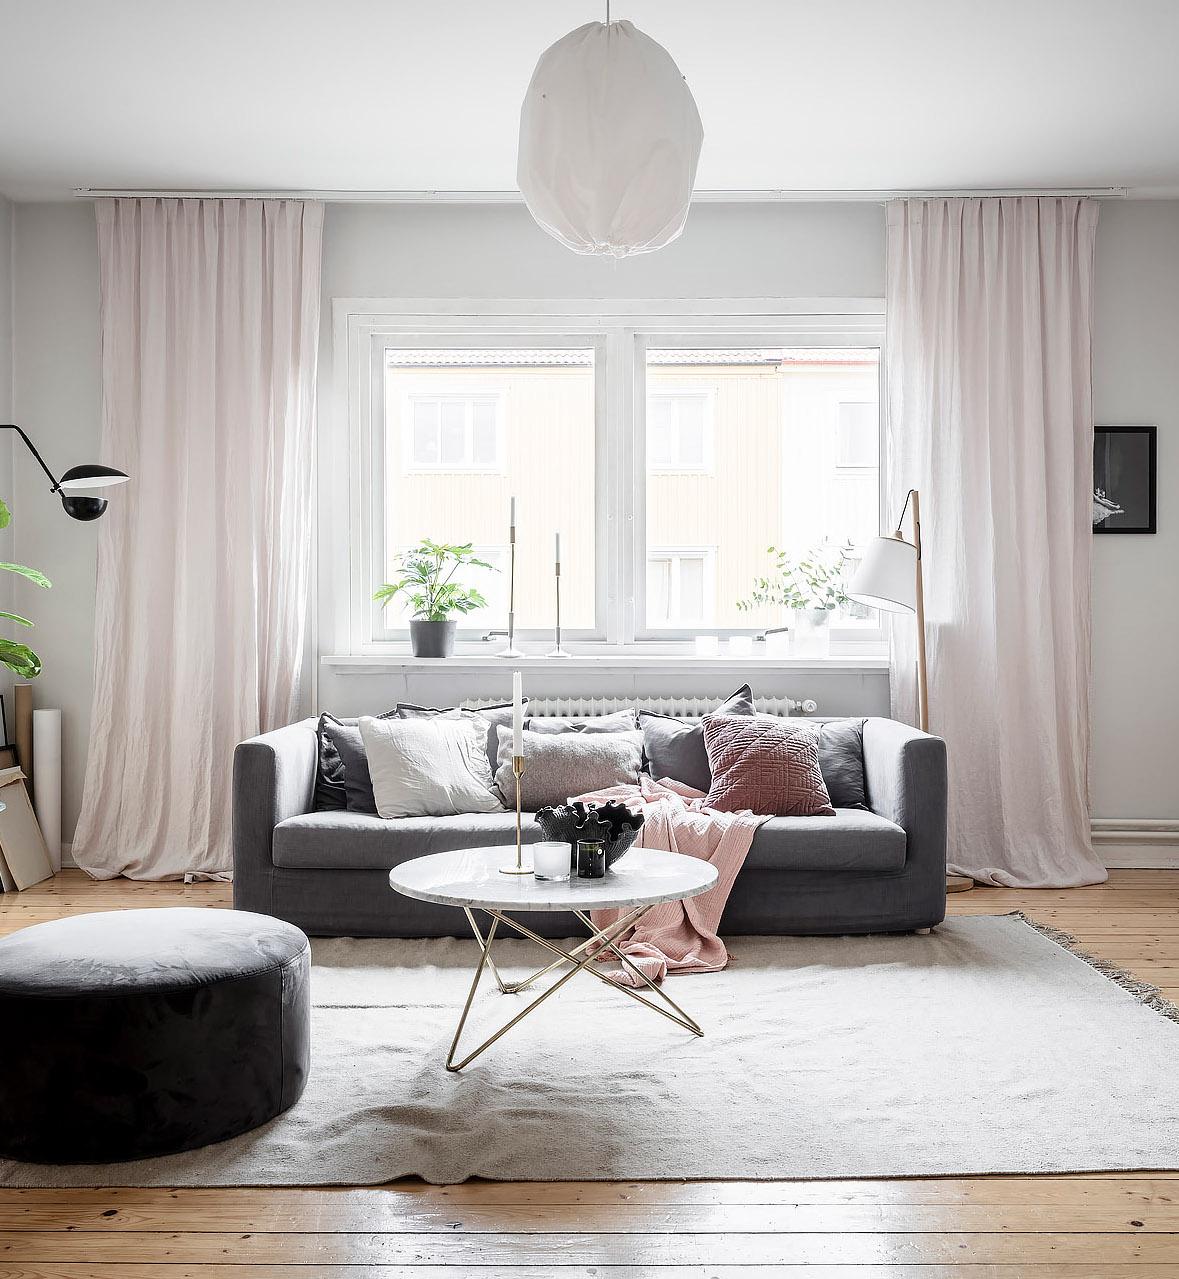 papier peint salon spacieux lumineux rose gris blanc laiton moderne - blog déco - clem around the corner